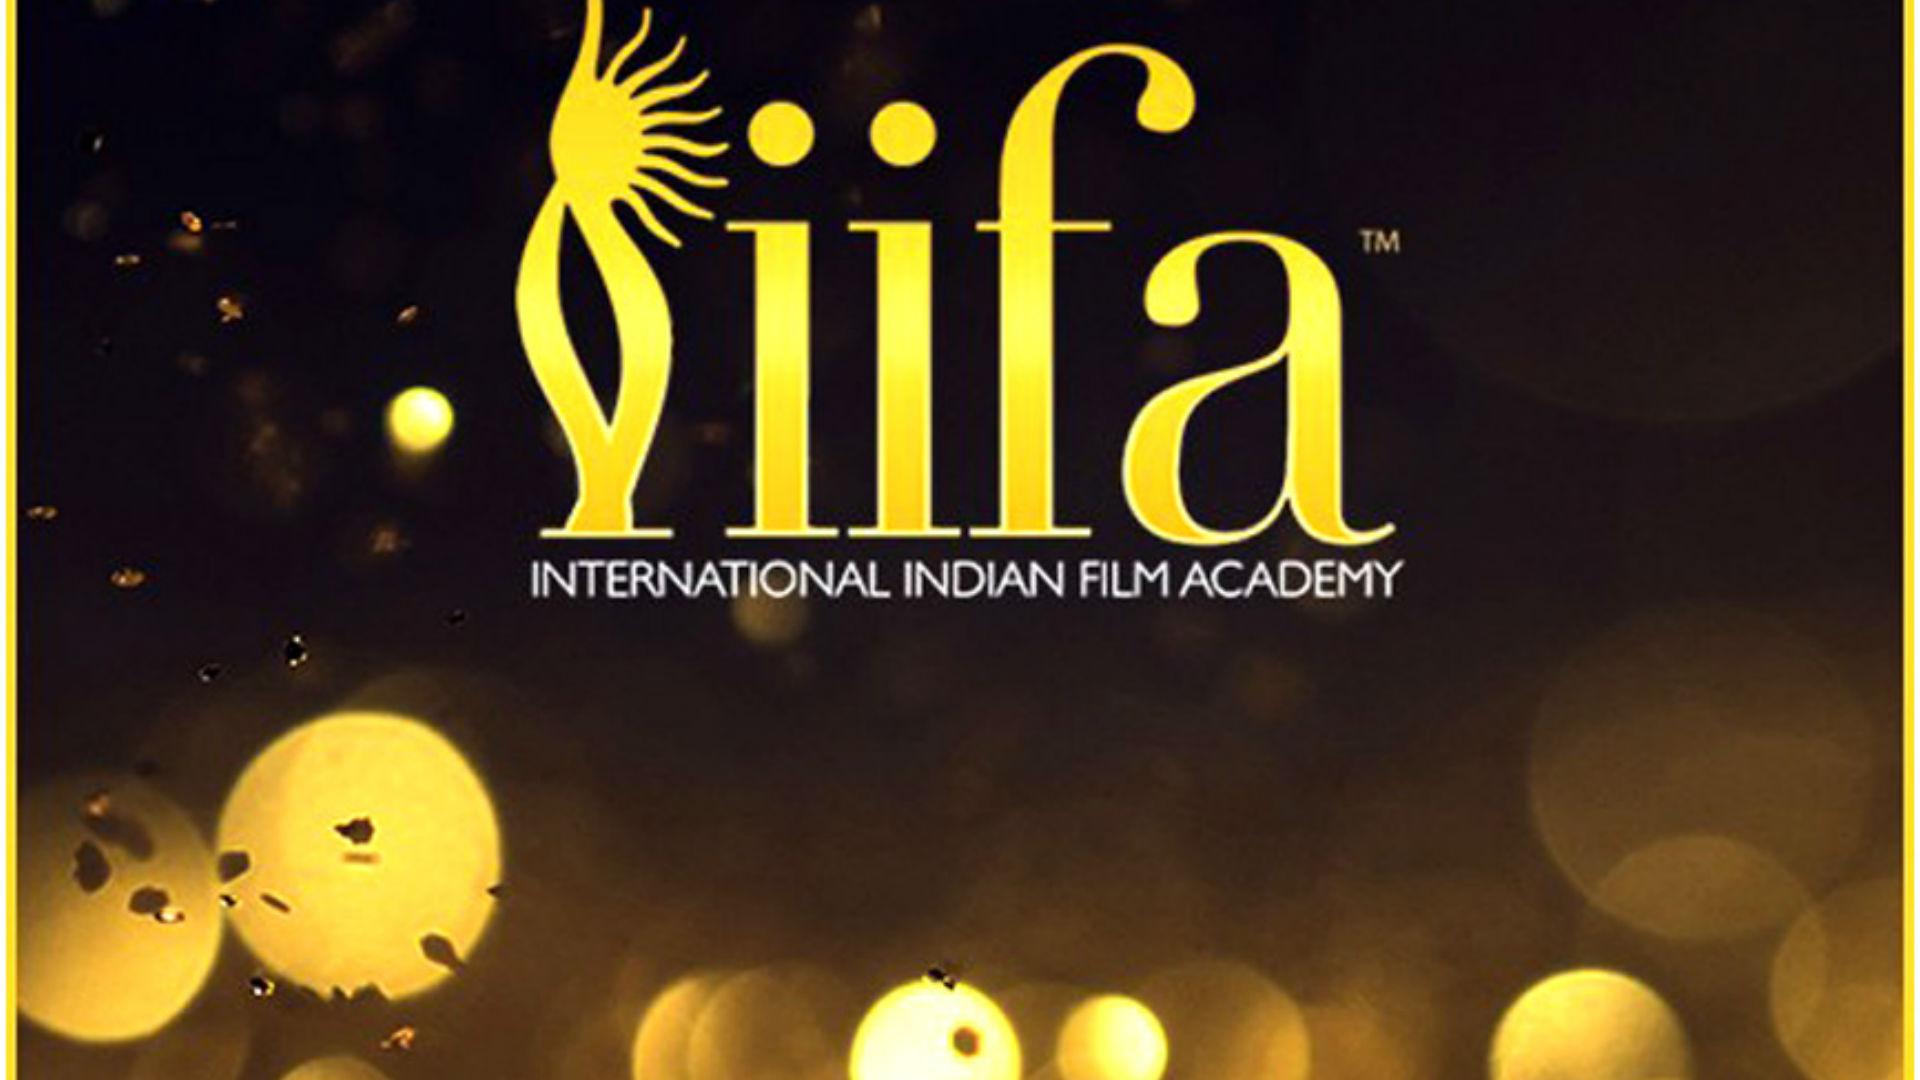 IIFA 2019: आईफा अवार्ड में छाया फिल्म अंधाधुन का जलवा, अरजीत सिंह को मिला बेस्ट प्लेबैक सिंगर का अवॉर्ड